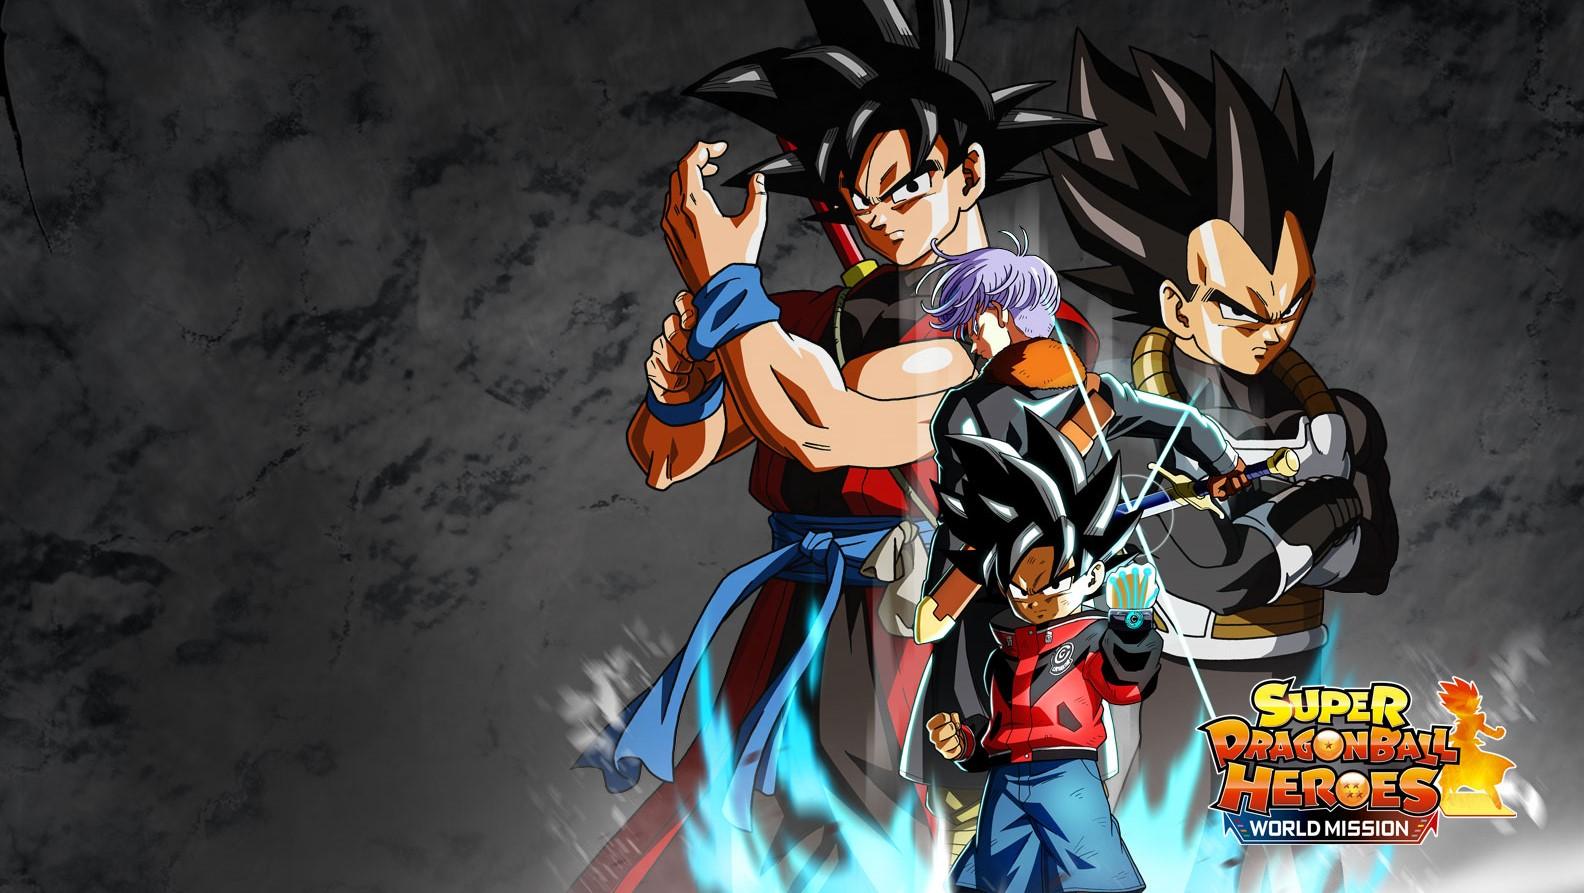 Super Dragon Ball Heroes World Mission, tutte le caratteristiche in video